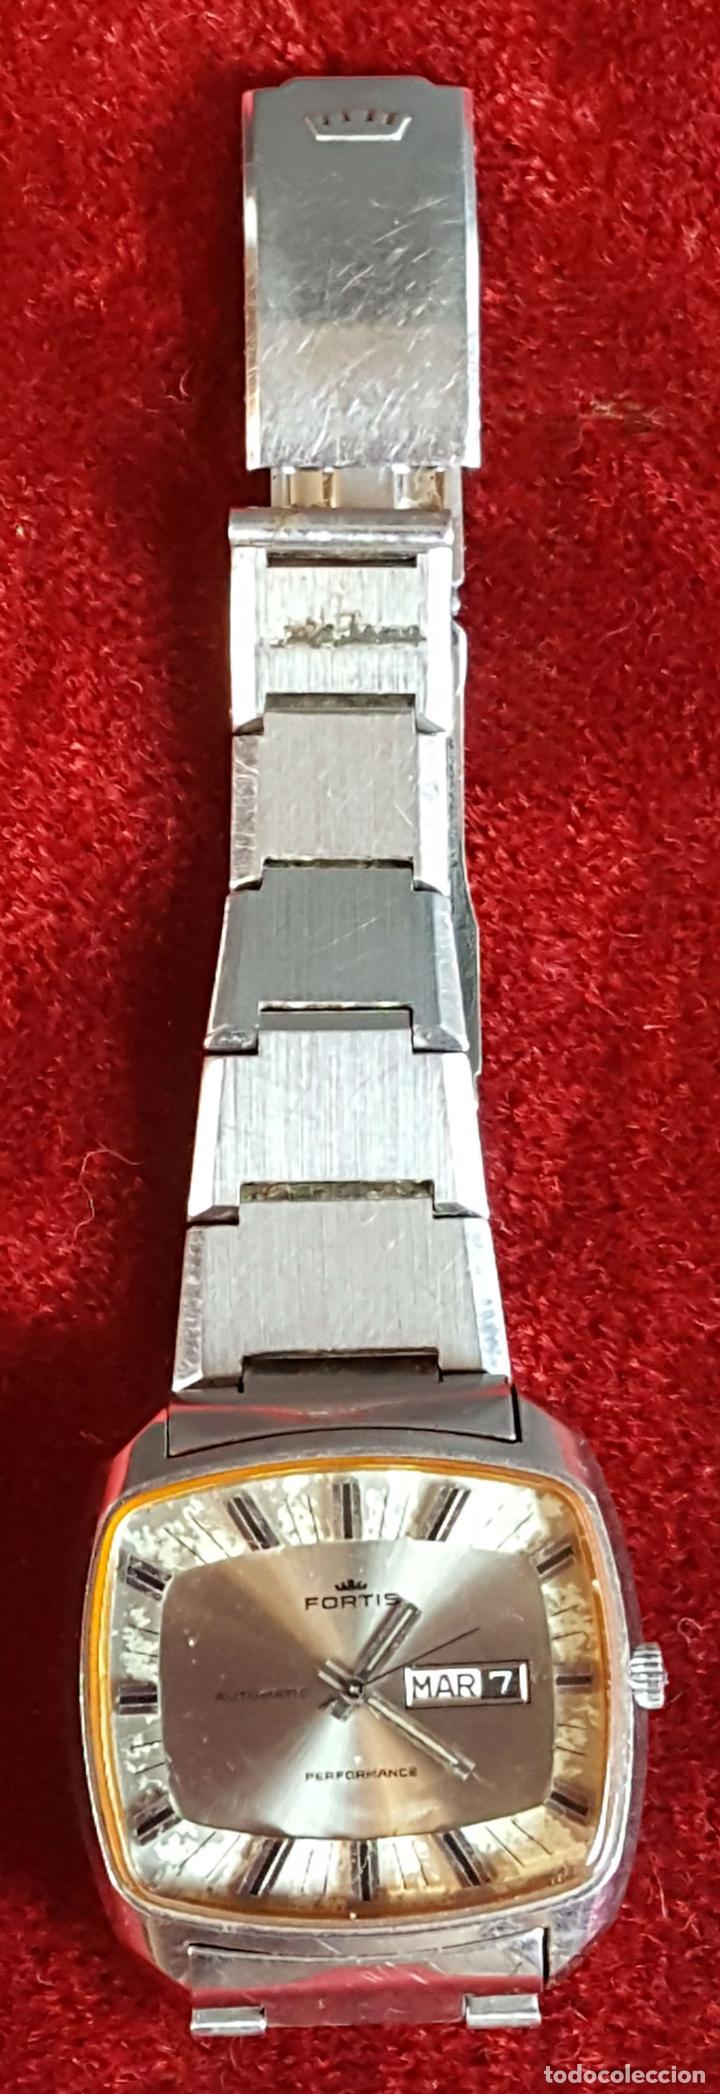 RELOJ DE PULSERA. FORTIS. MODELO PERFORMANCE. AUTOMÁTICO. CIRCA 1970. (Relojes - Relojes Automáticos)